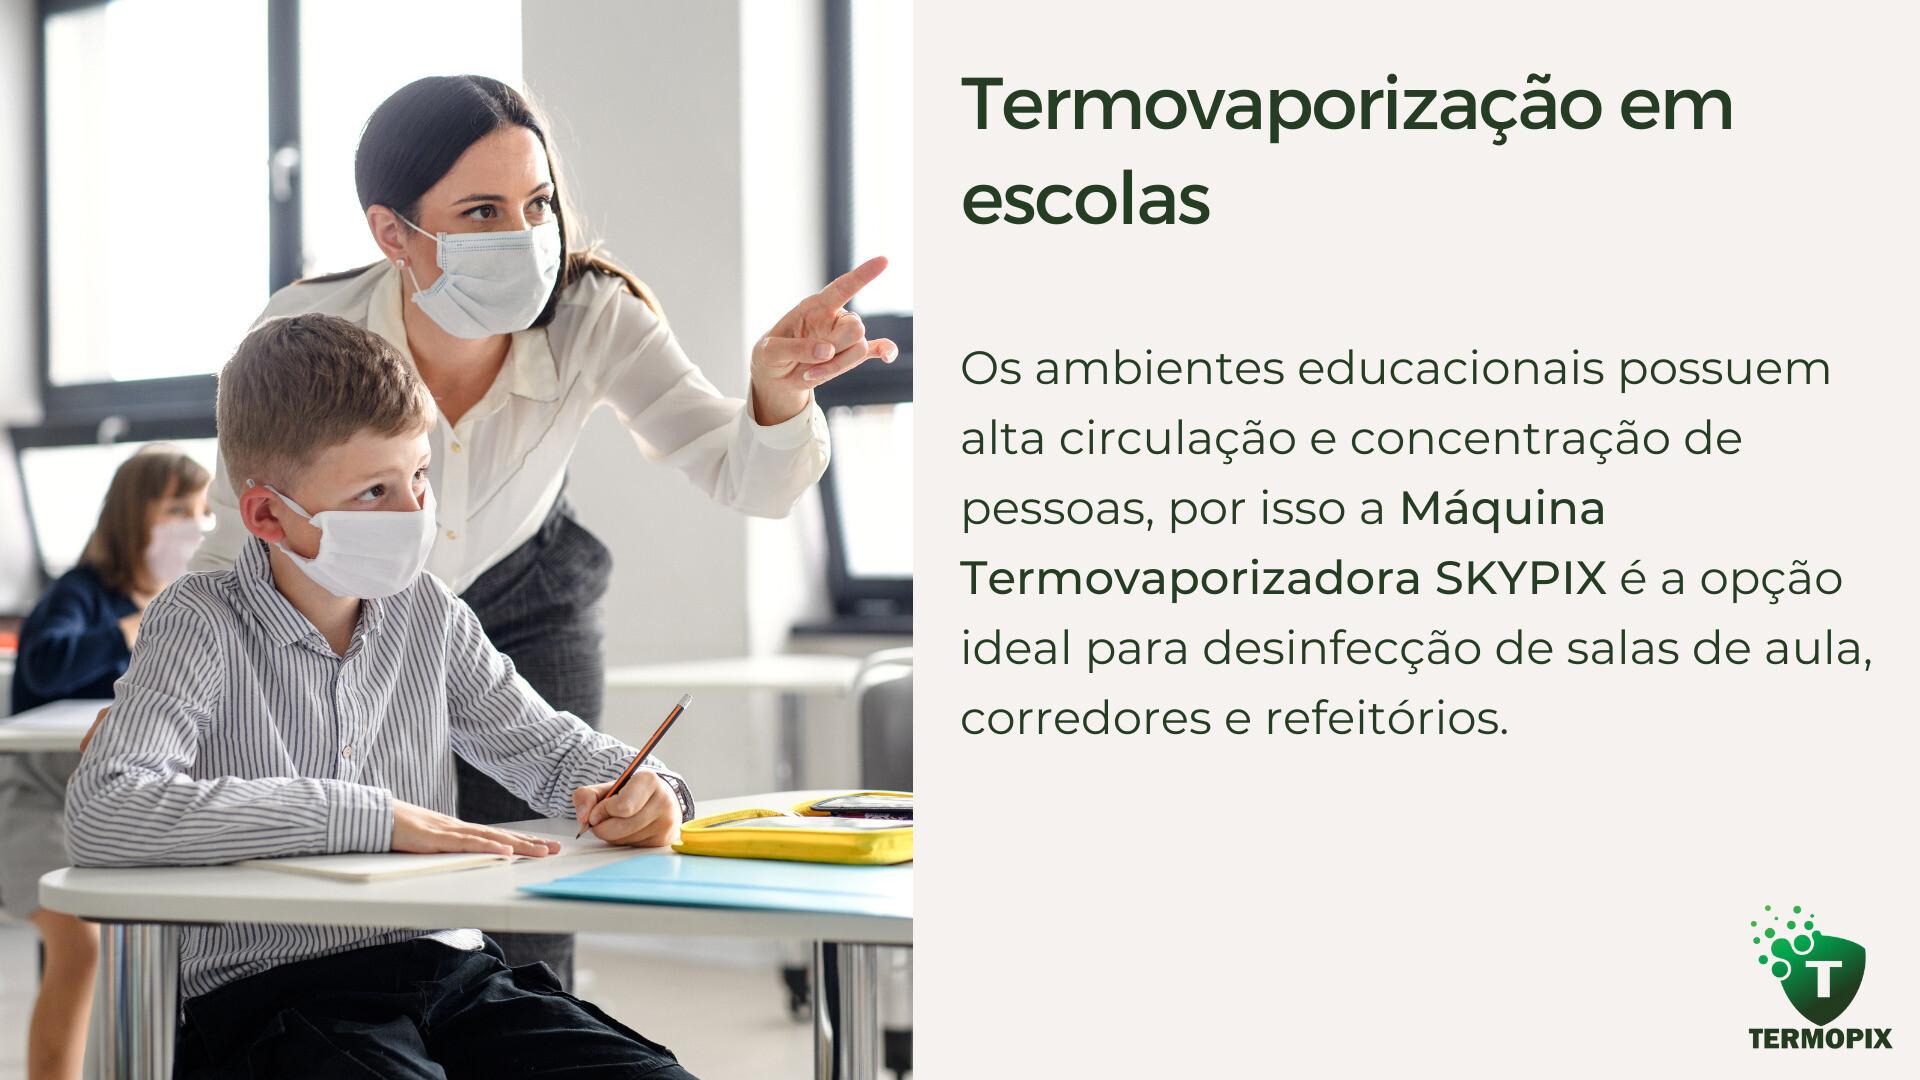 Termopix - Desinfecção de Escolas - Termovaporização